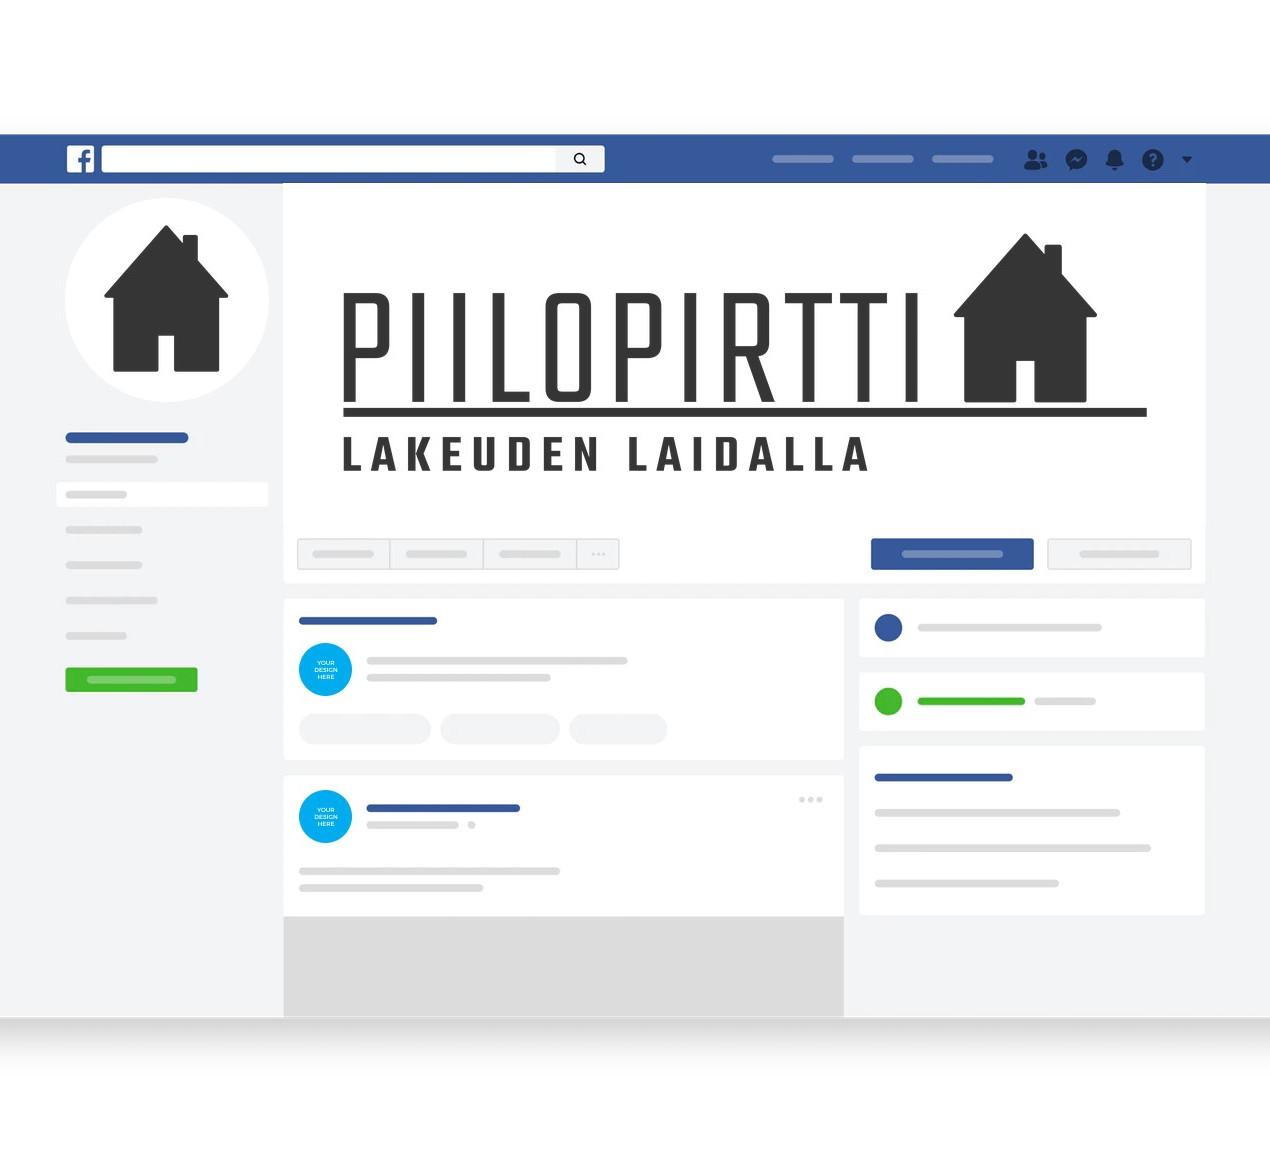 Hannuksen Piilopirtti logo